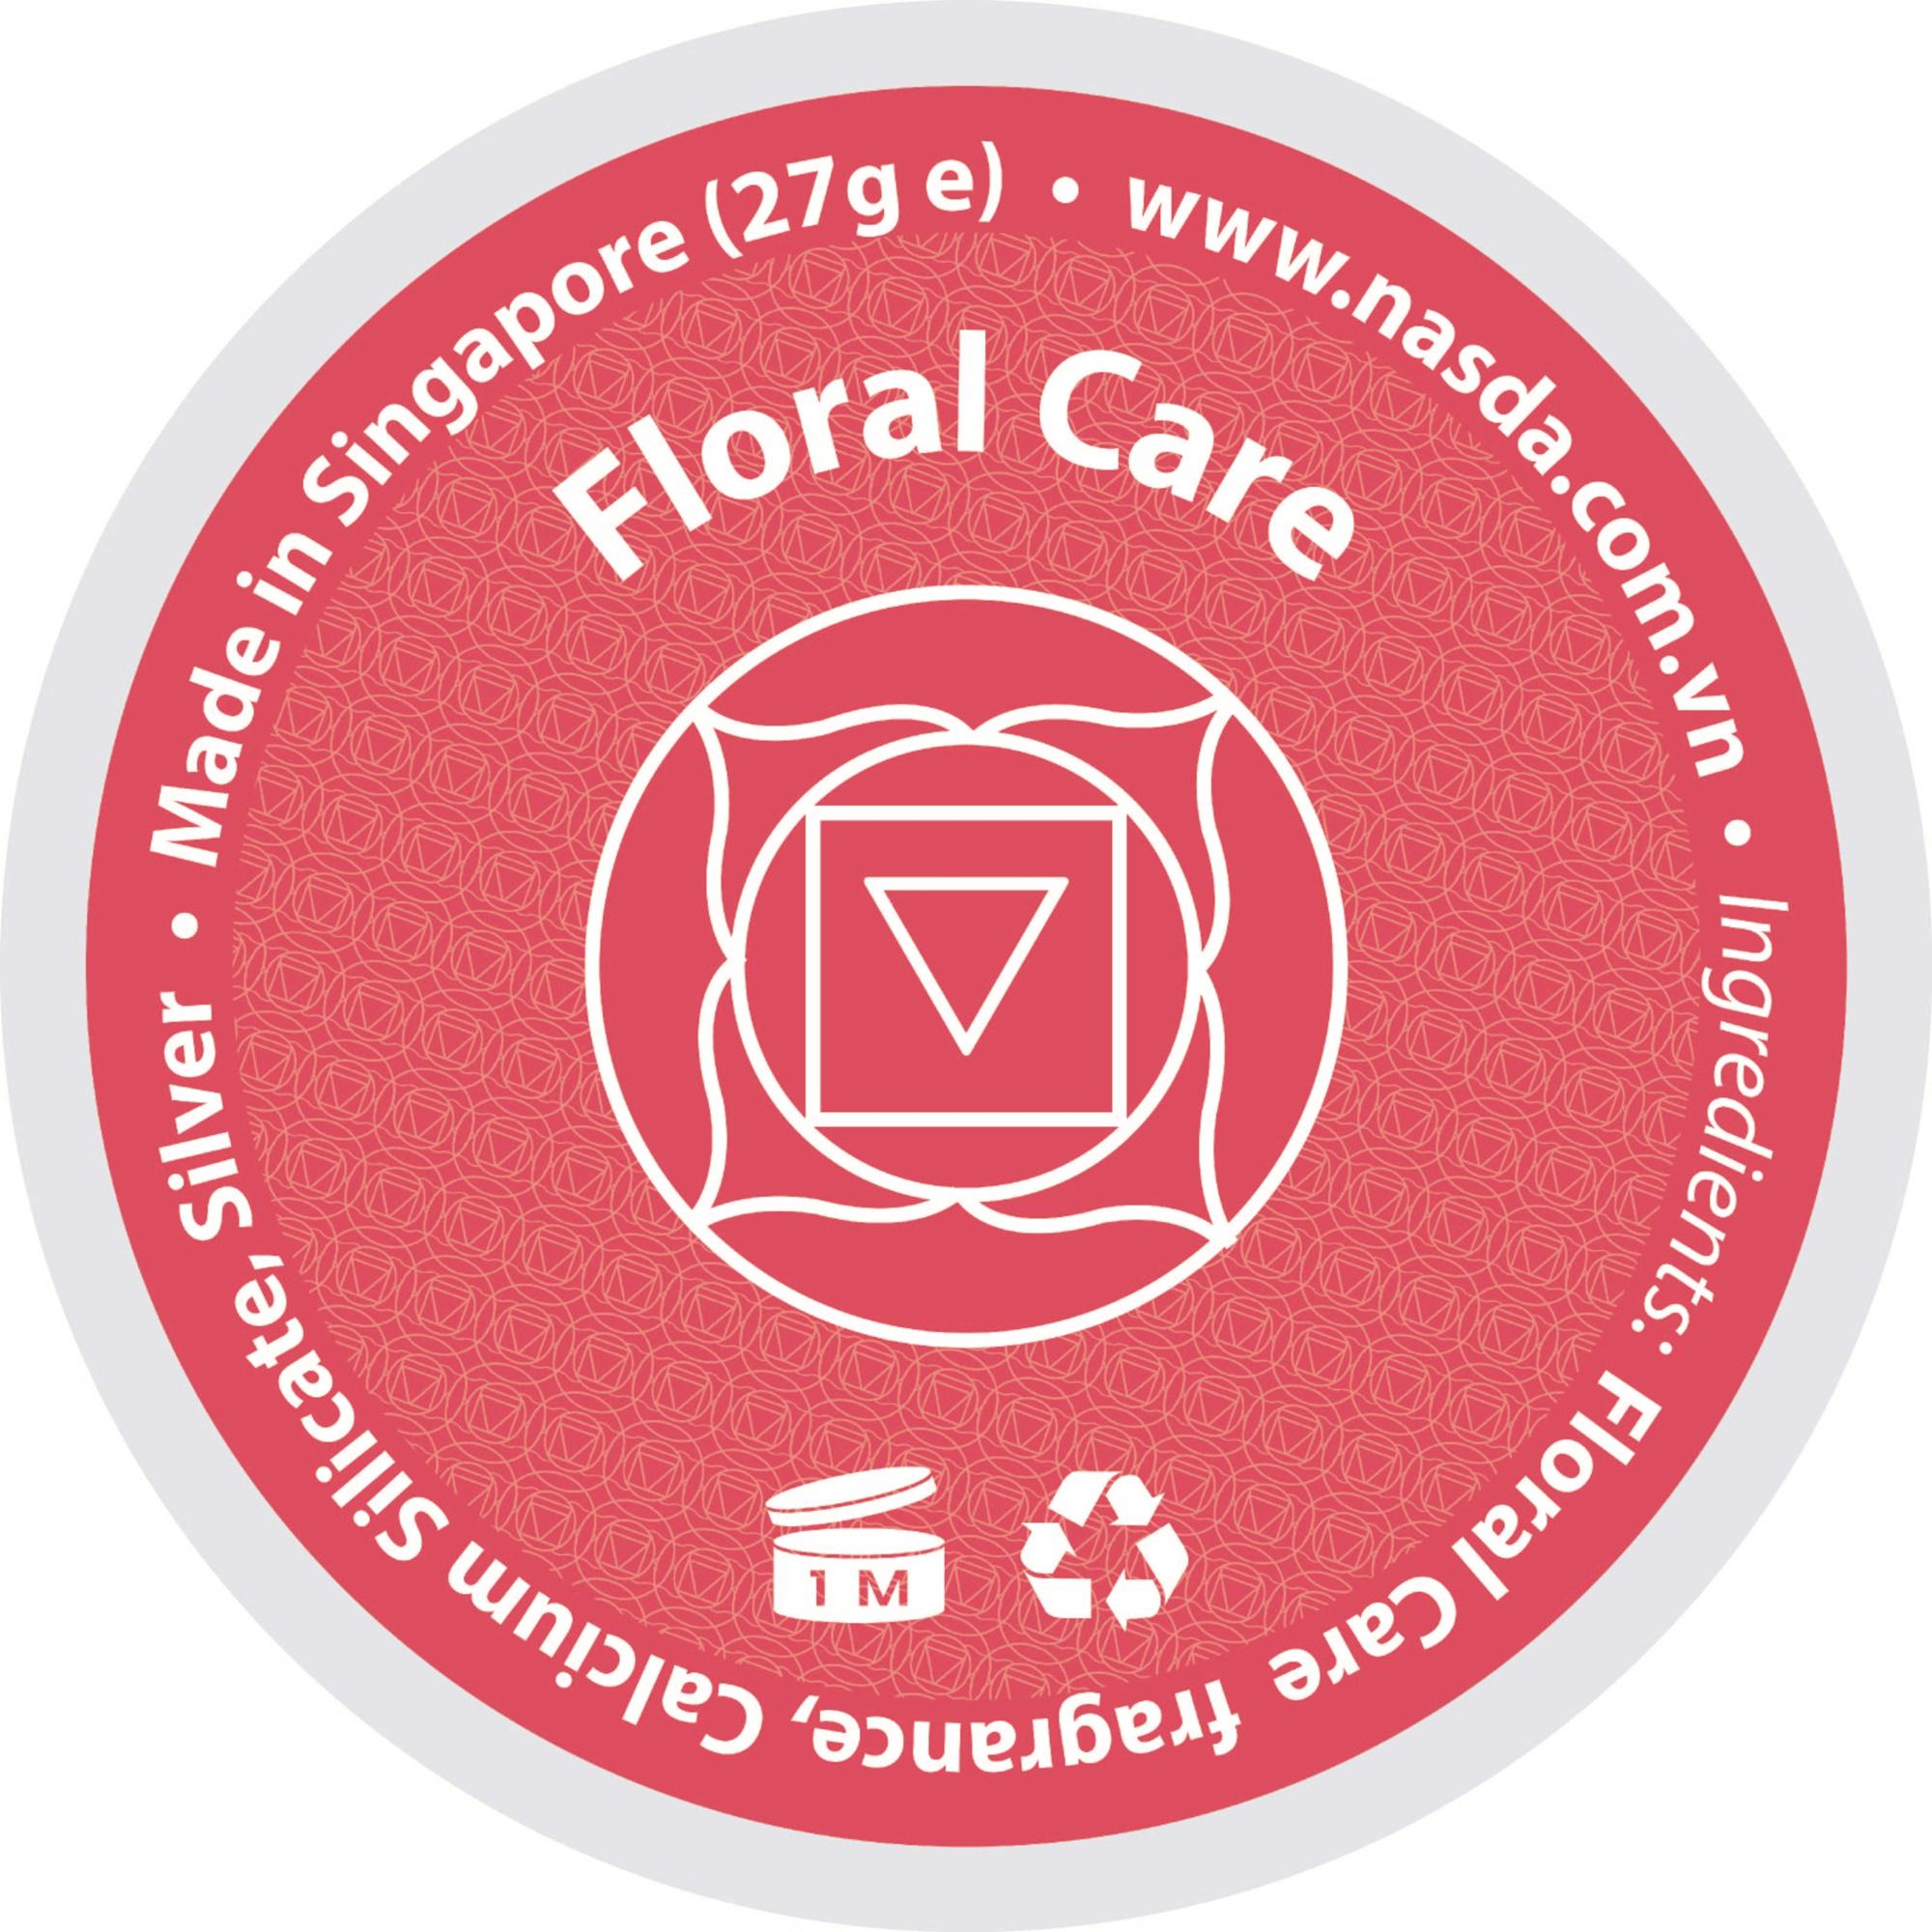 Tinh thể hương khử mùi ô tô Energy Ball hương Hoa Cỏ Floral Care